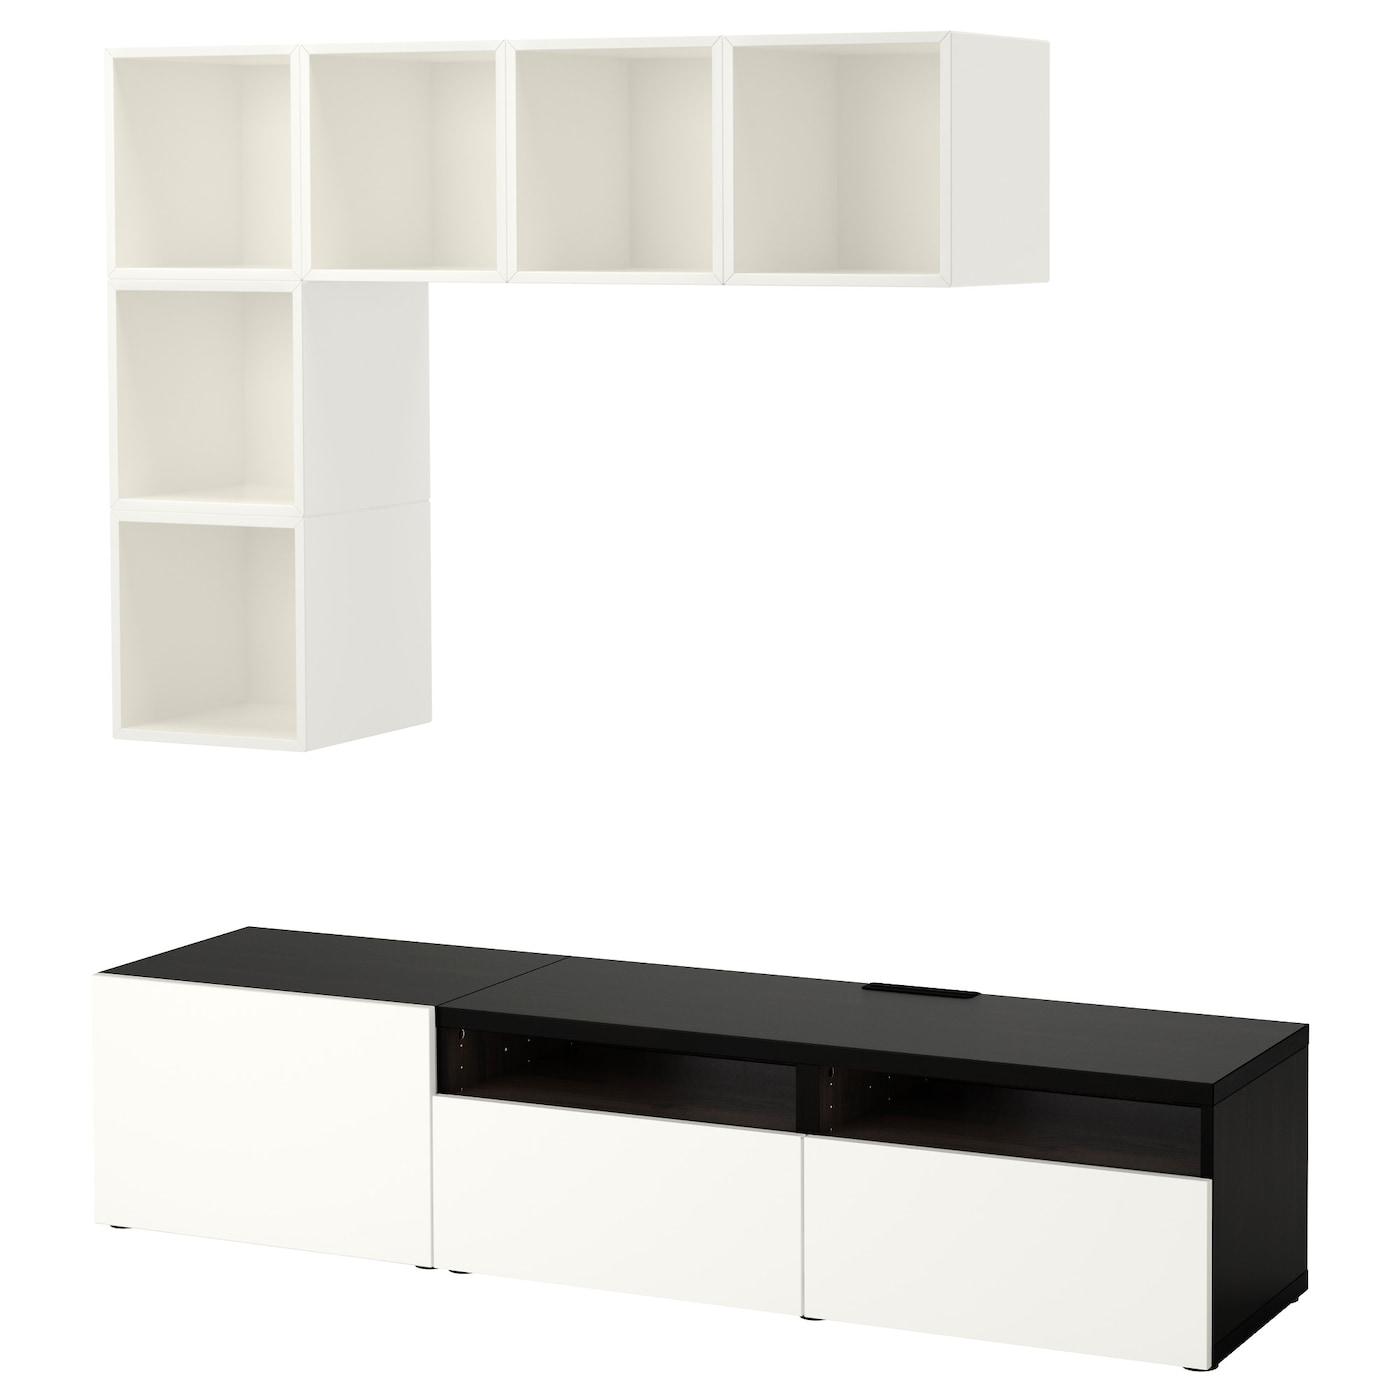 eket best combinaison rangement tv blanc brun noir brillant blanc 180x40x170 cm ikea. Black Bedroom Furniture Sets. Home Design Ideas